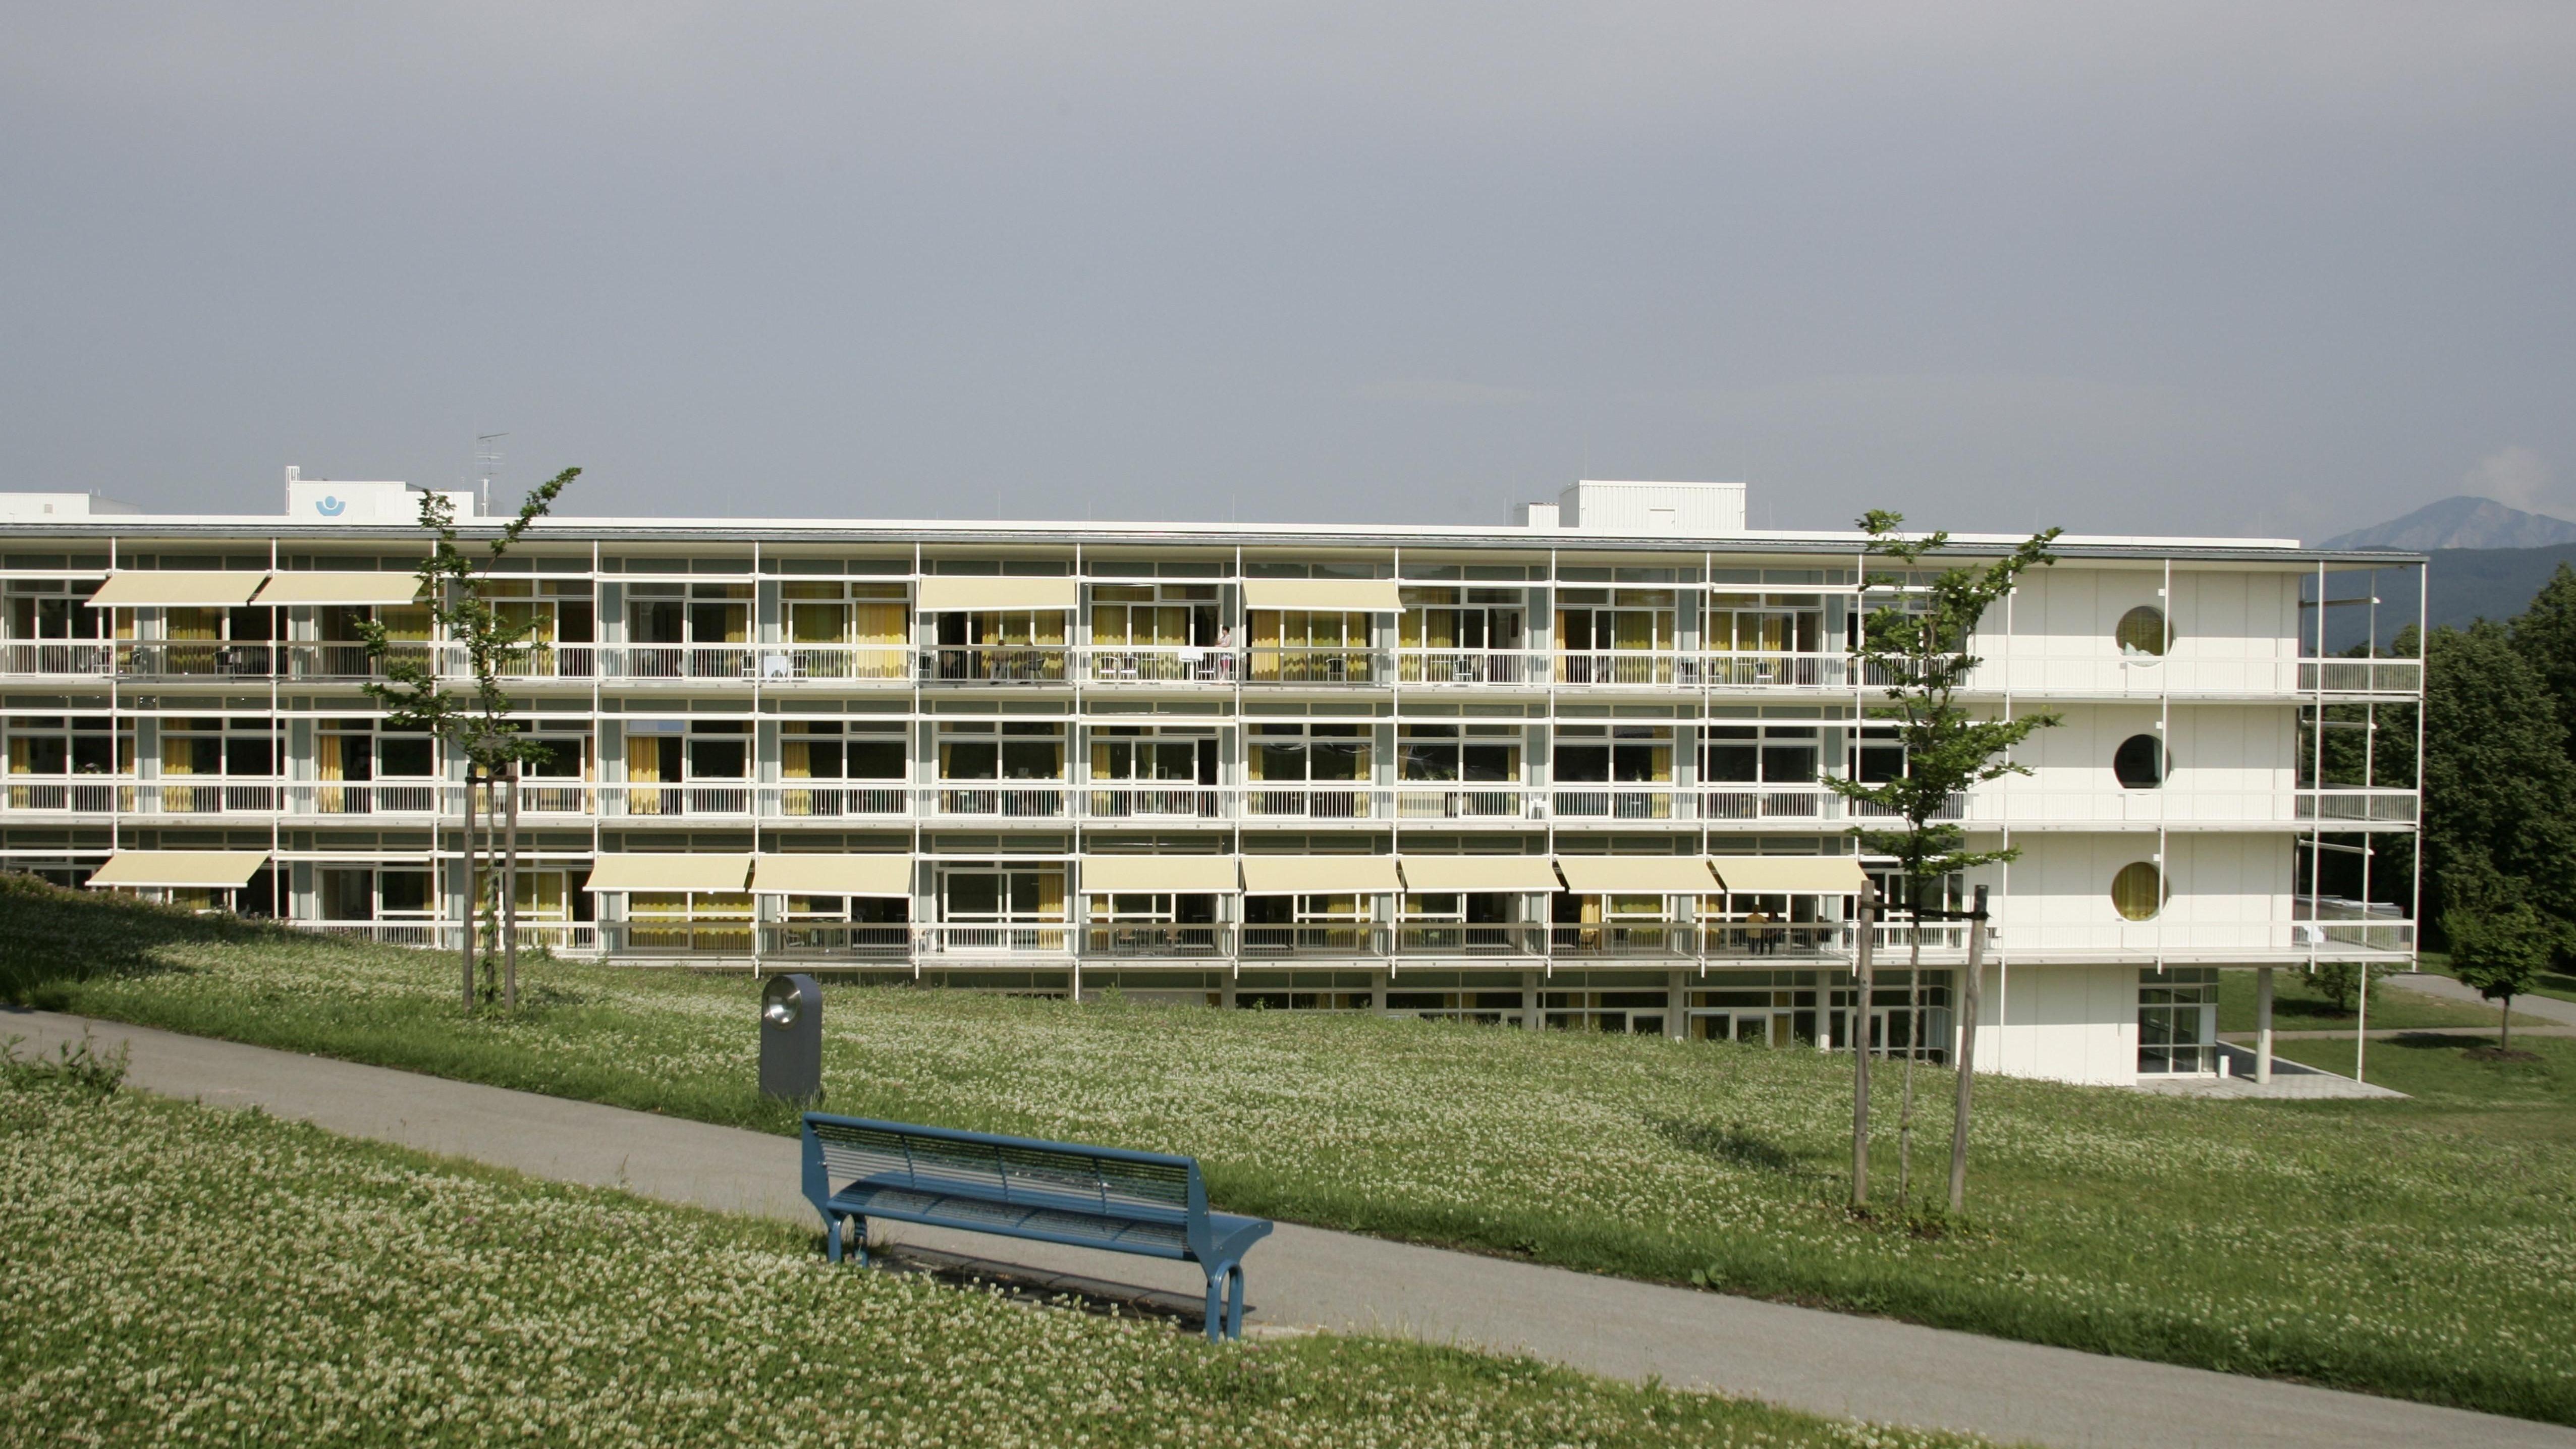 Berufsgenossenschaftliche Unfallklinik in Murnau